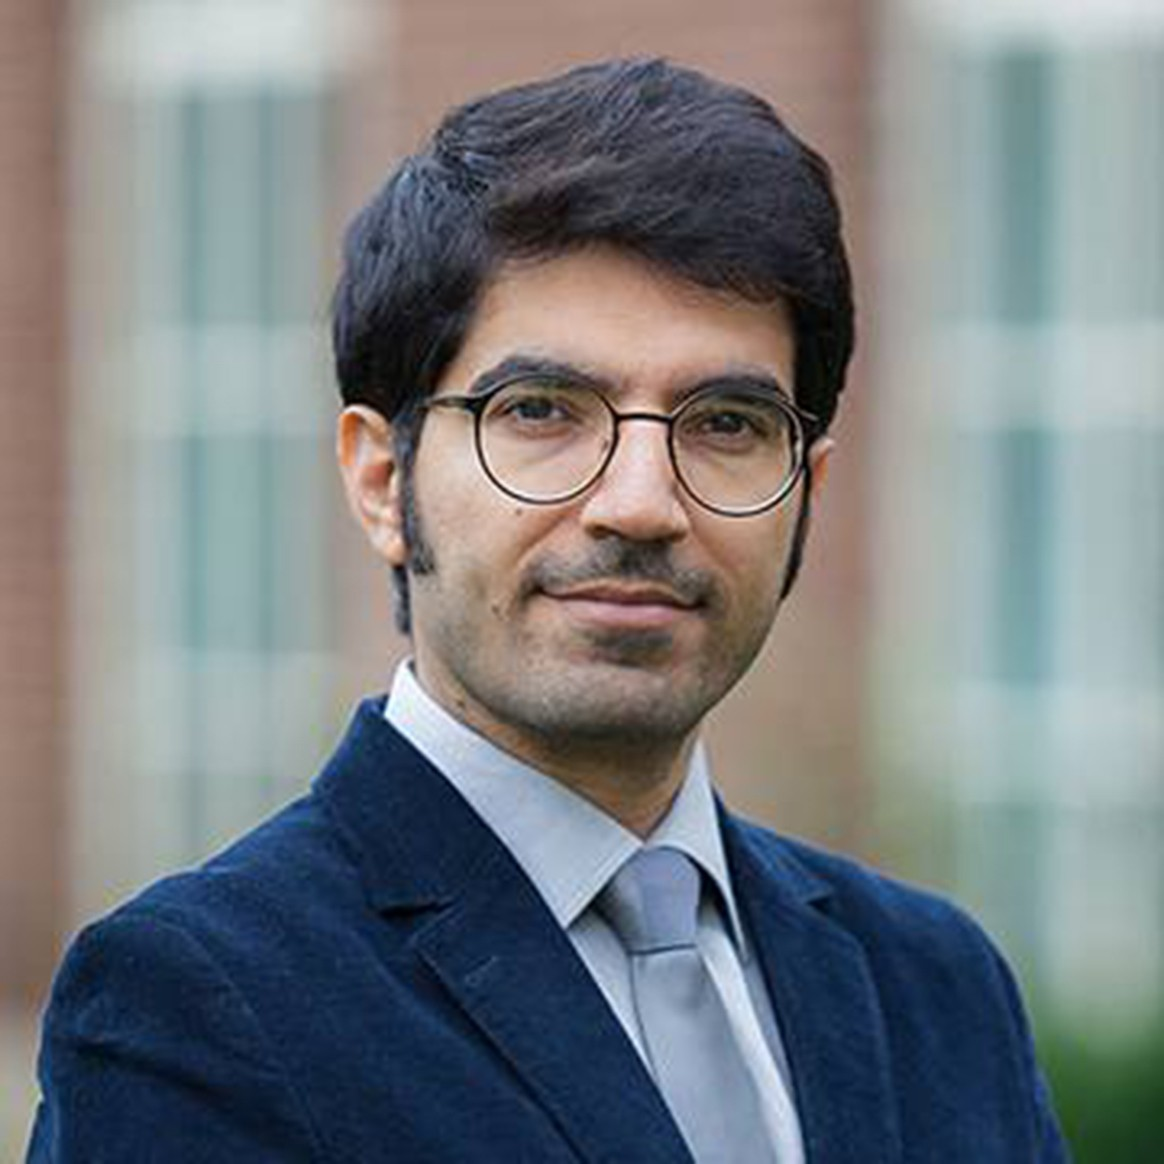 Headshot of Penn State Studio Art Adjunct Lecturer Amirmasoud Agharebparast